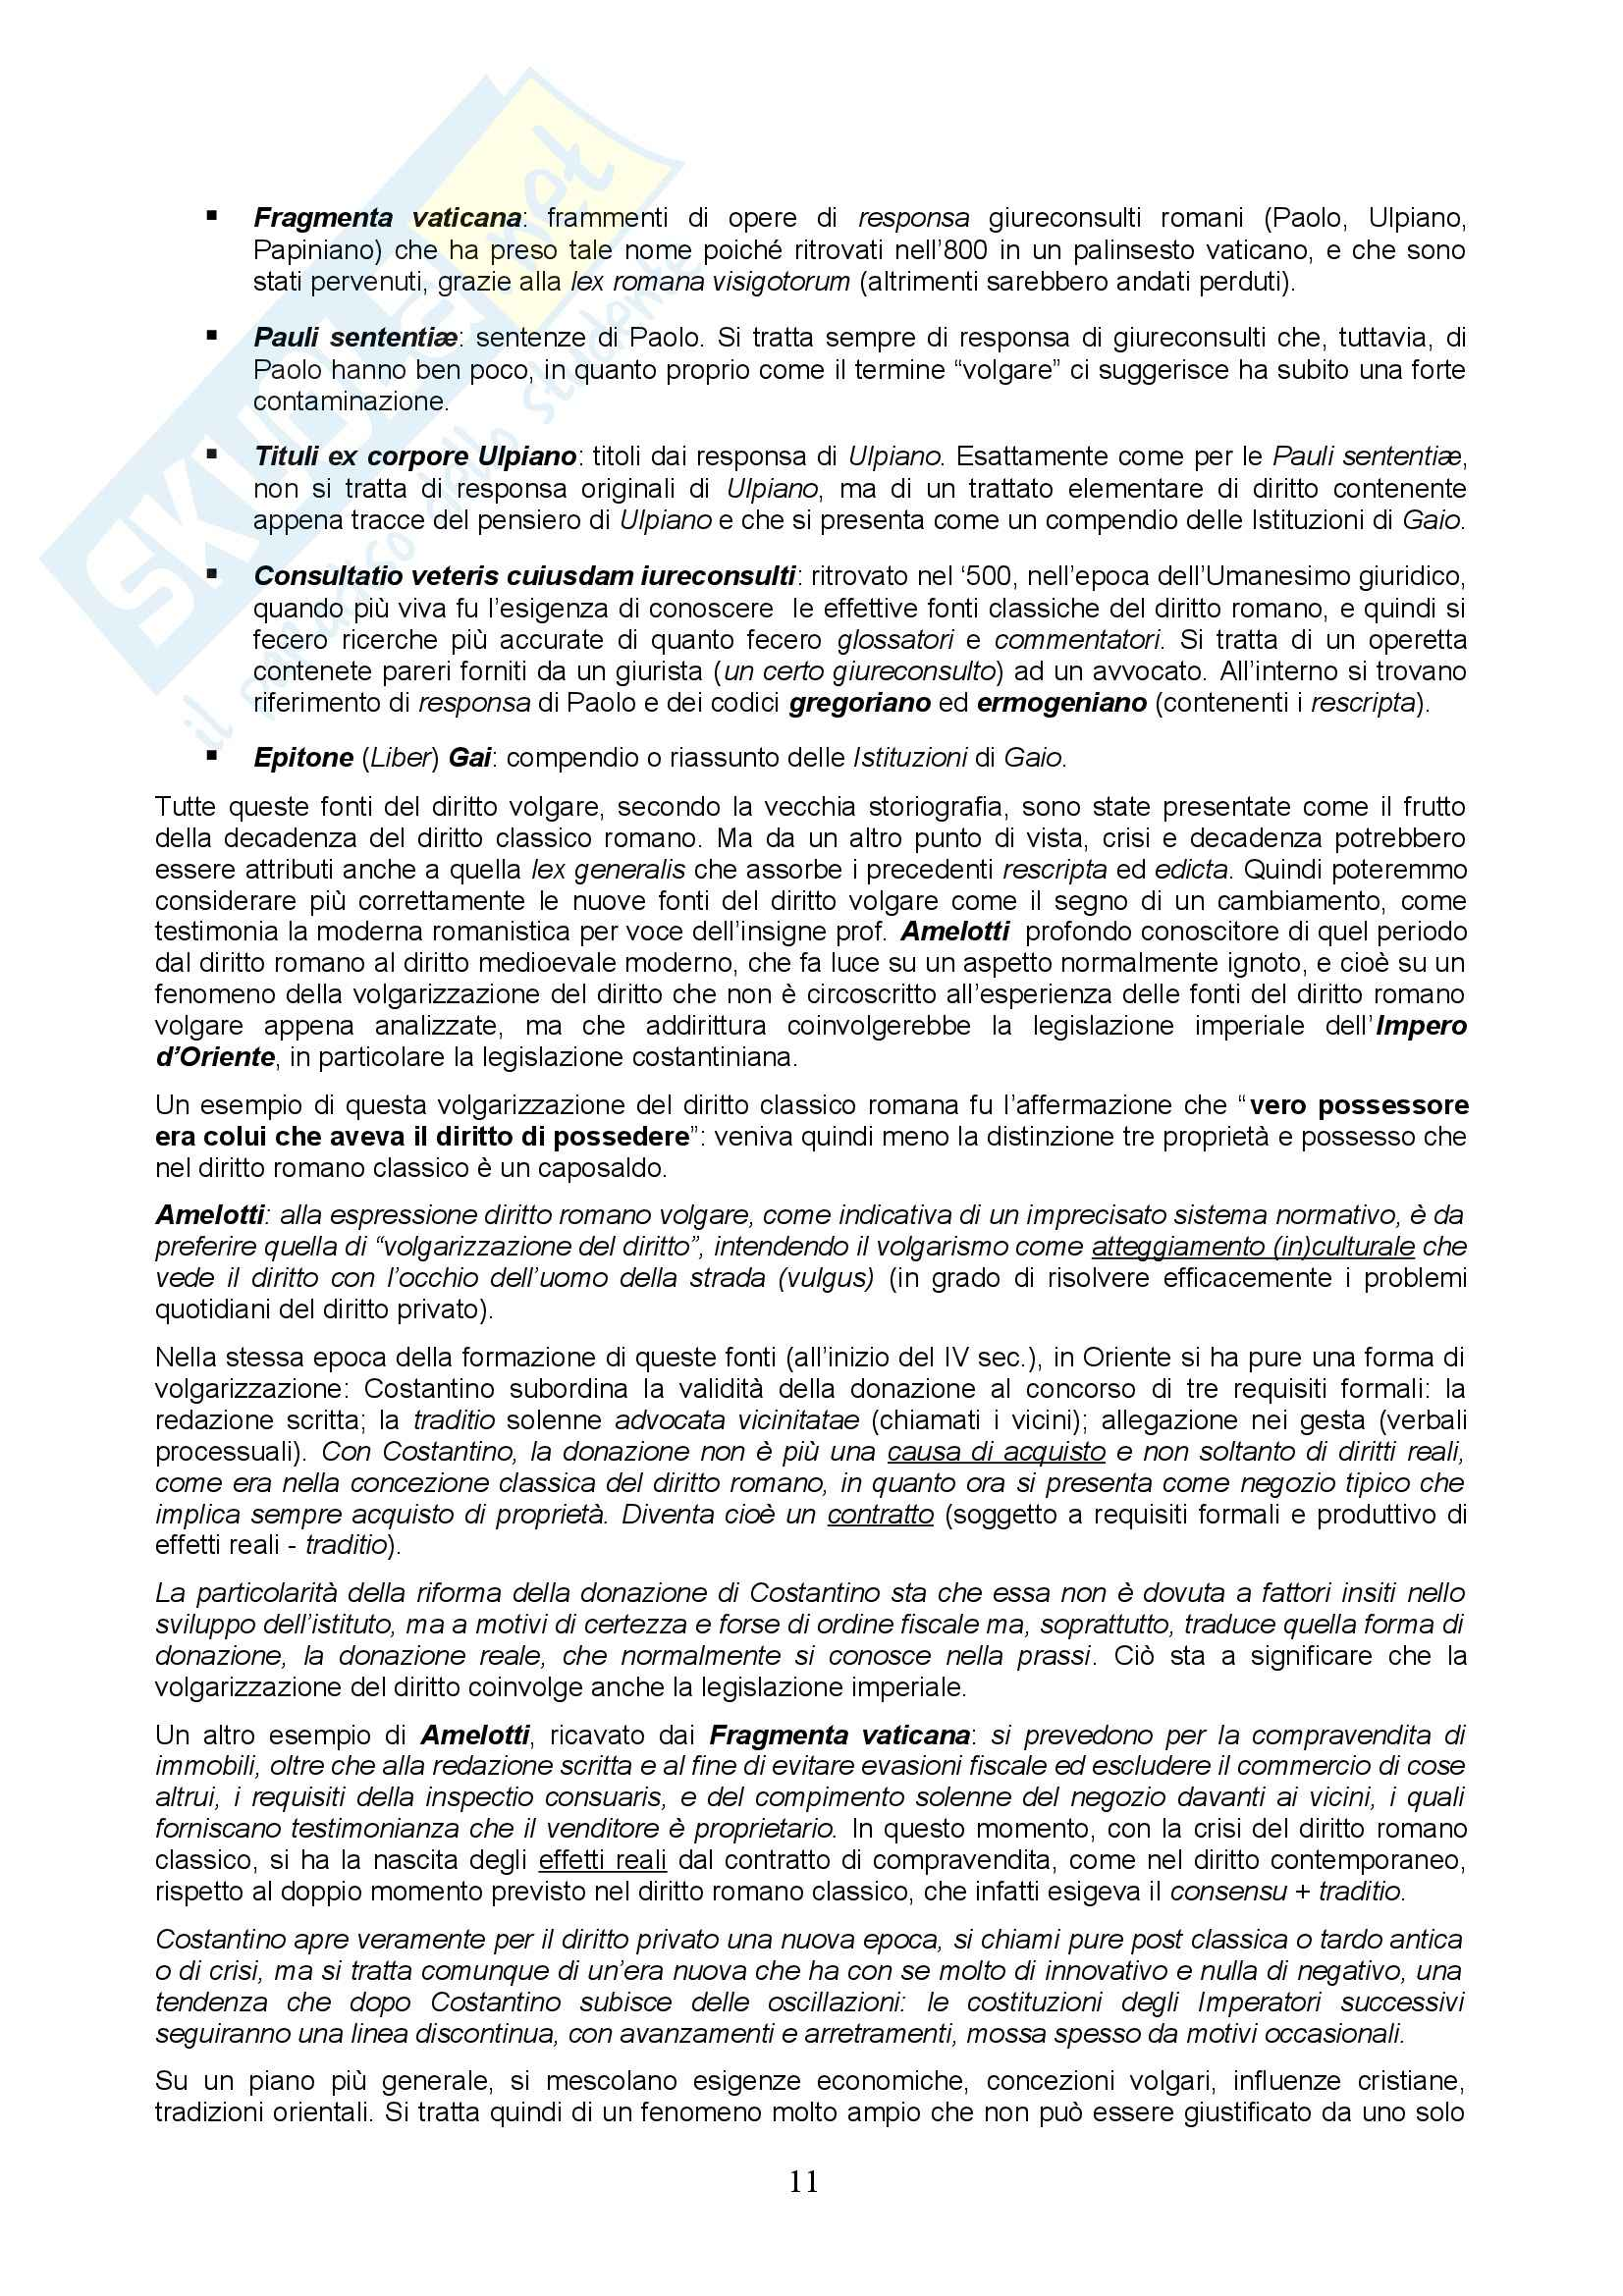 Storia del diritto italiano - lezioni Pag. 11